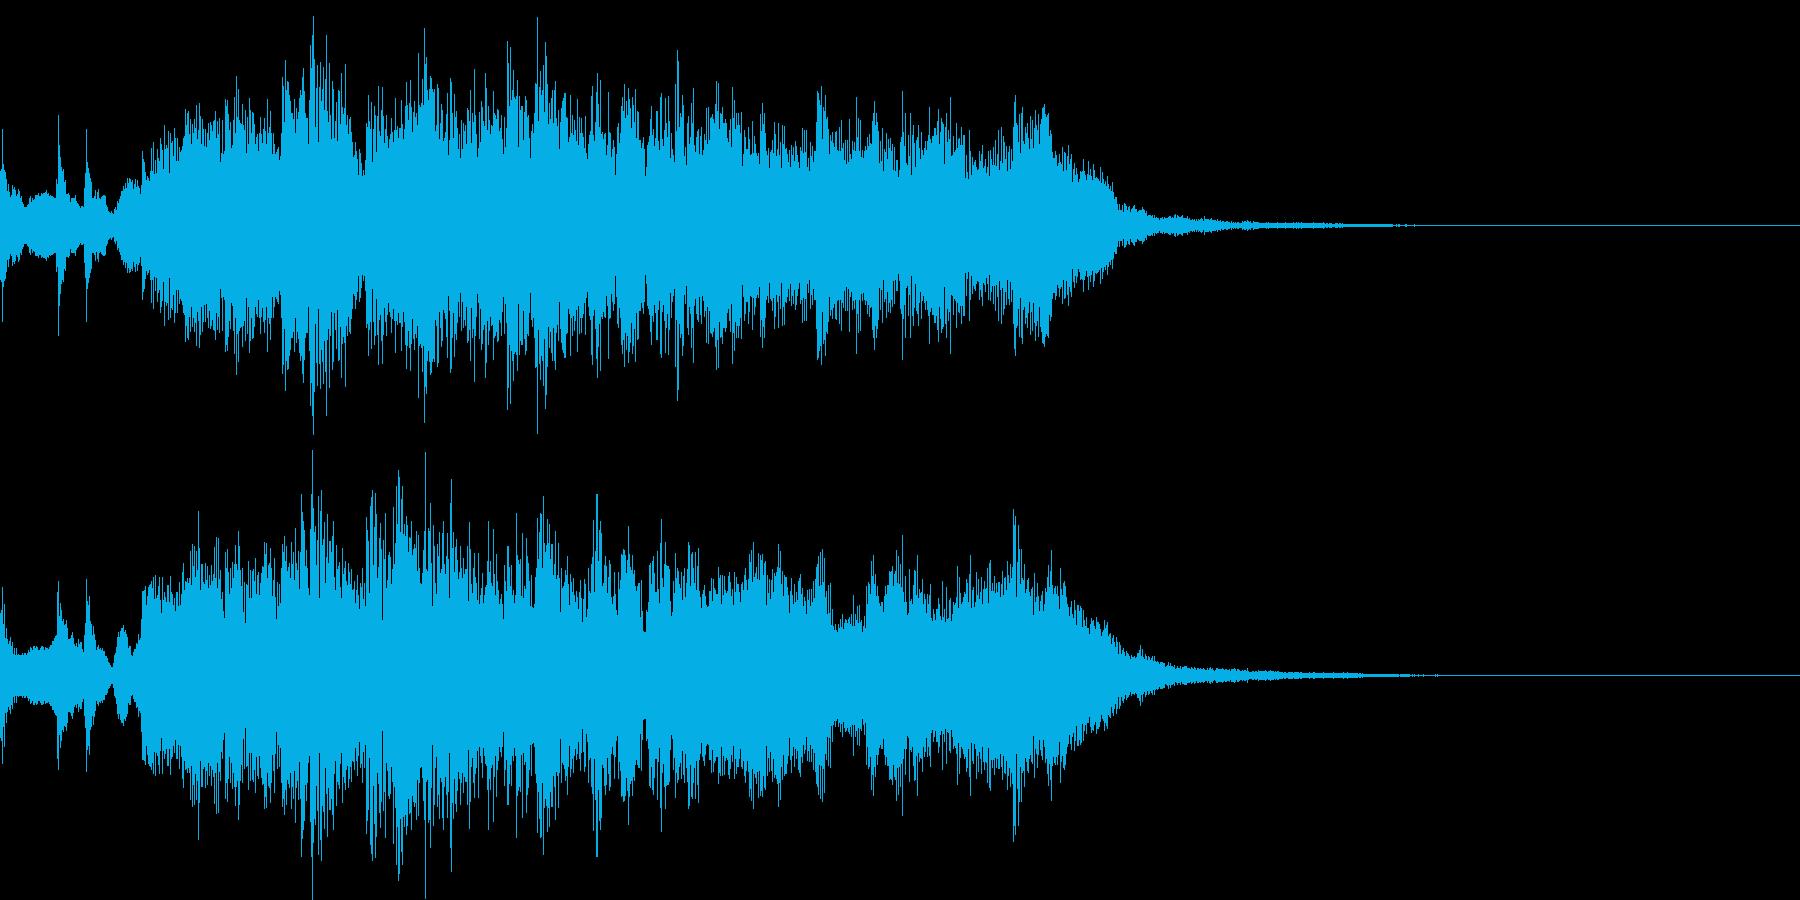 ゲームクリアな音の再生済みの波形